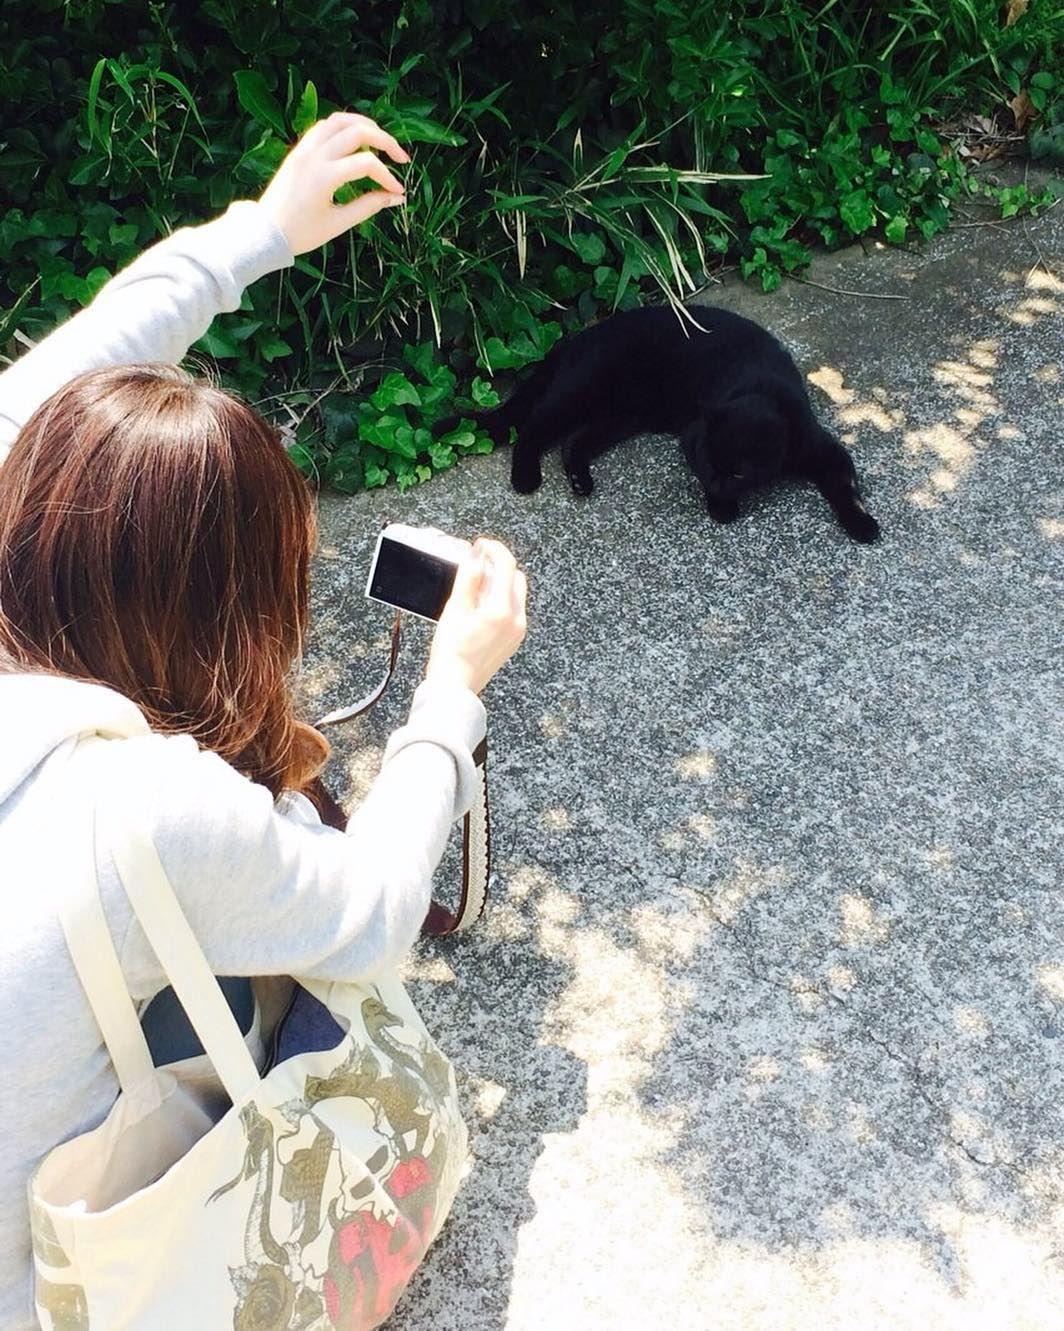 私猫見るとすぐにこう笑  #猫 #お写んぽ #オリンパス #オリンパス倶楽部 #ミラーレス一眼 #cat #catstagram #olympus #olympuspen #epl7 #photo #instagood by n4a5n